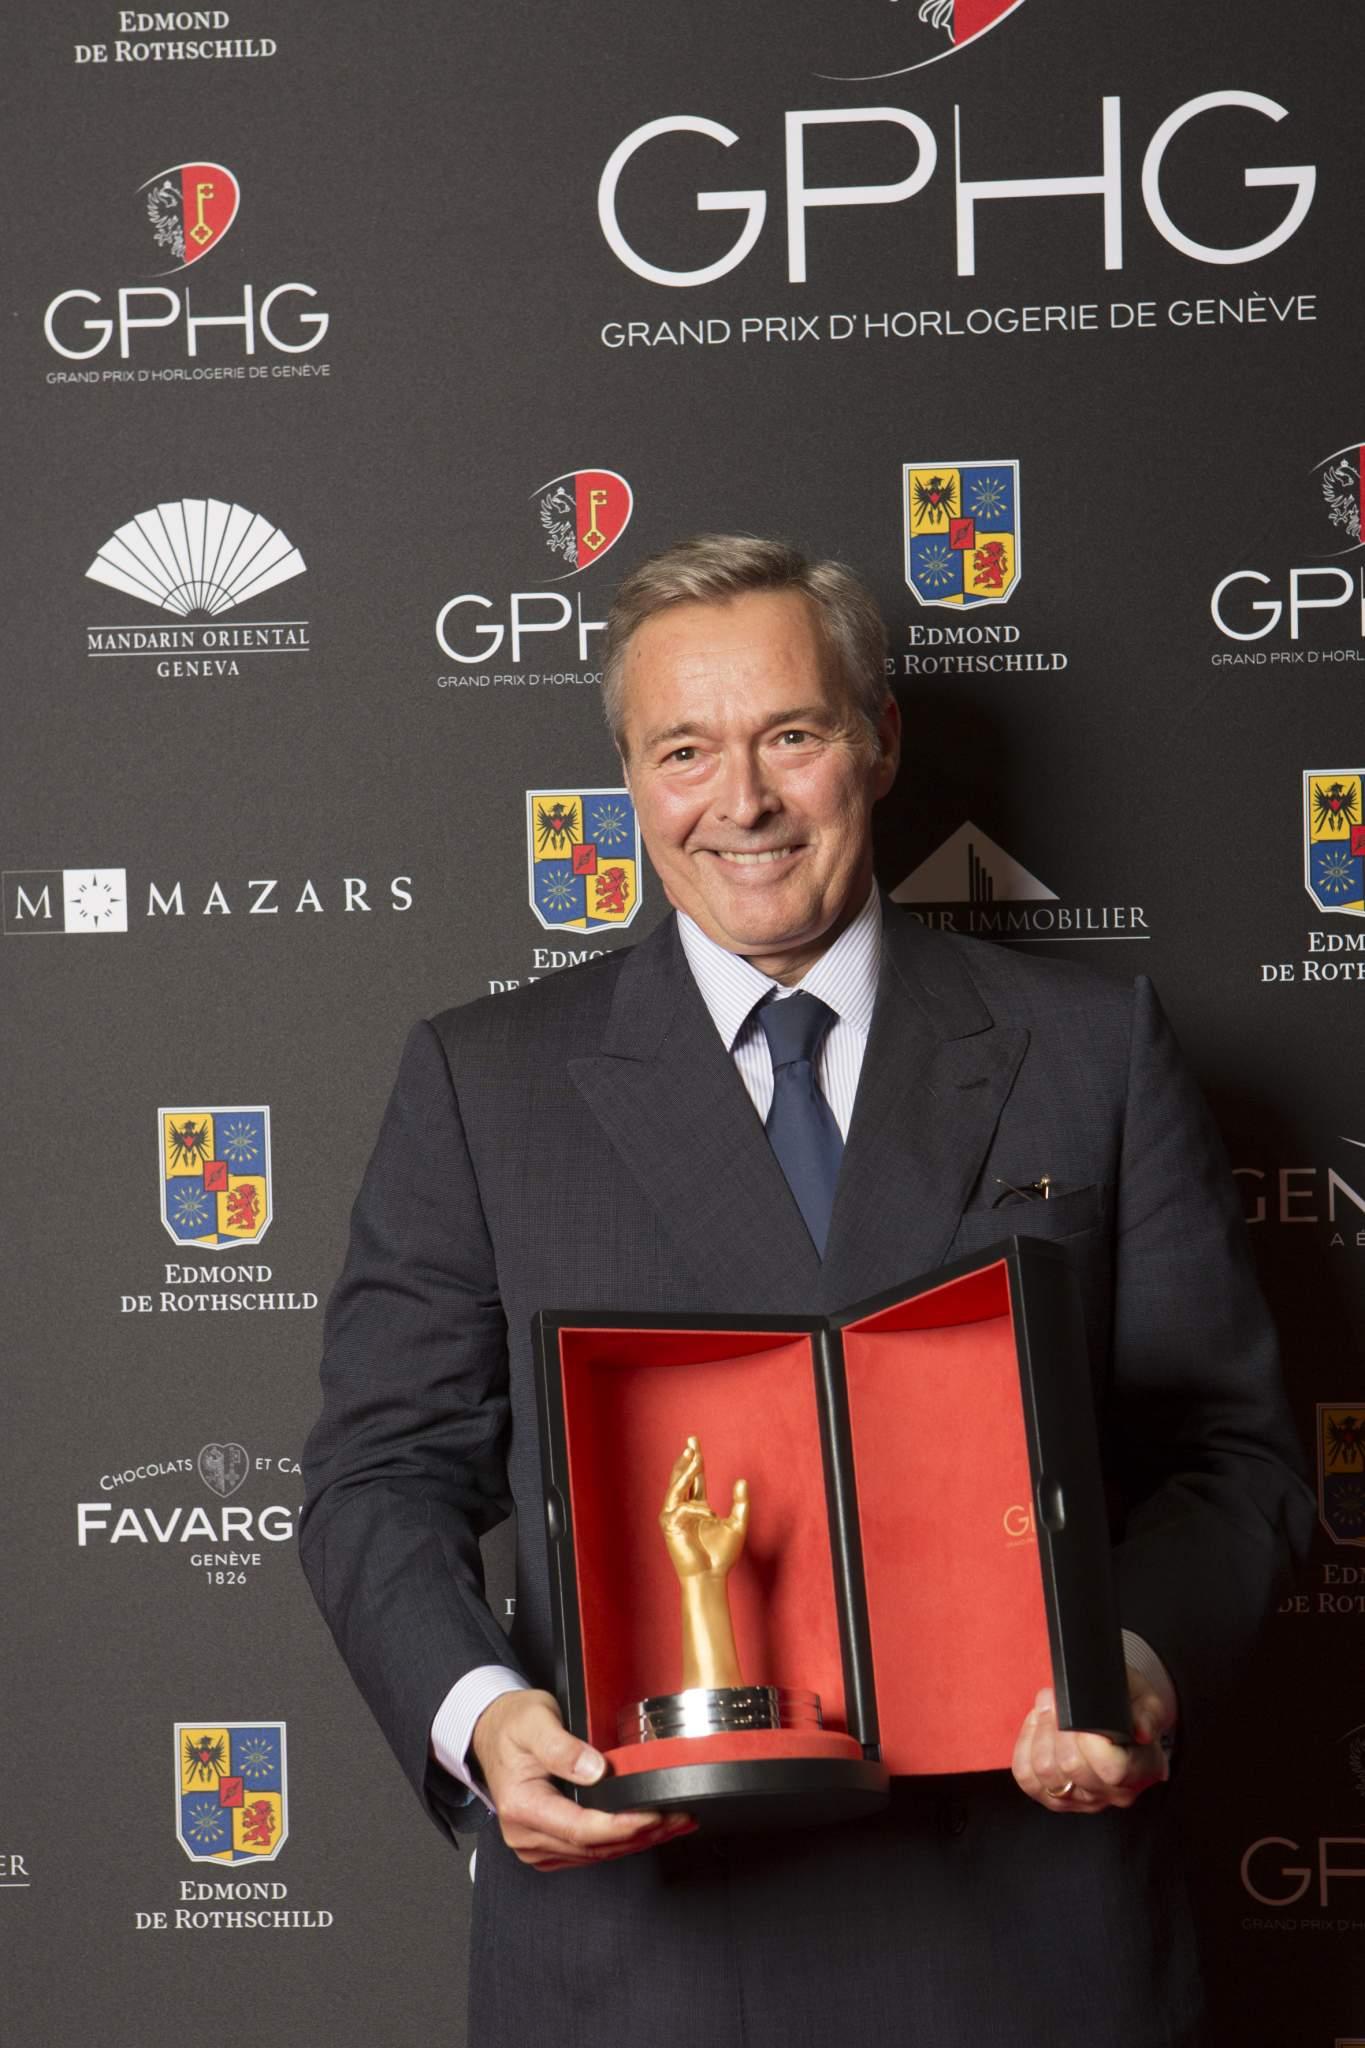 Karl-Friedrich Scheufele (Président de Chronométrie Ferdinand Berthoud, lauréat du Grand Prix de l'Aiguille d'Or 2016)